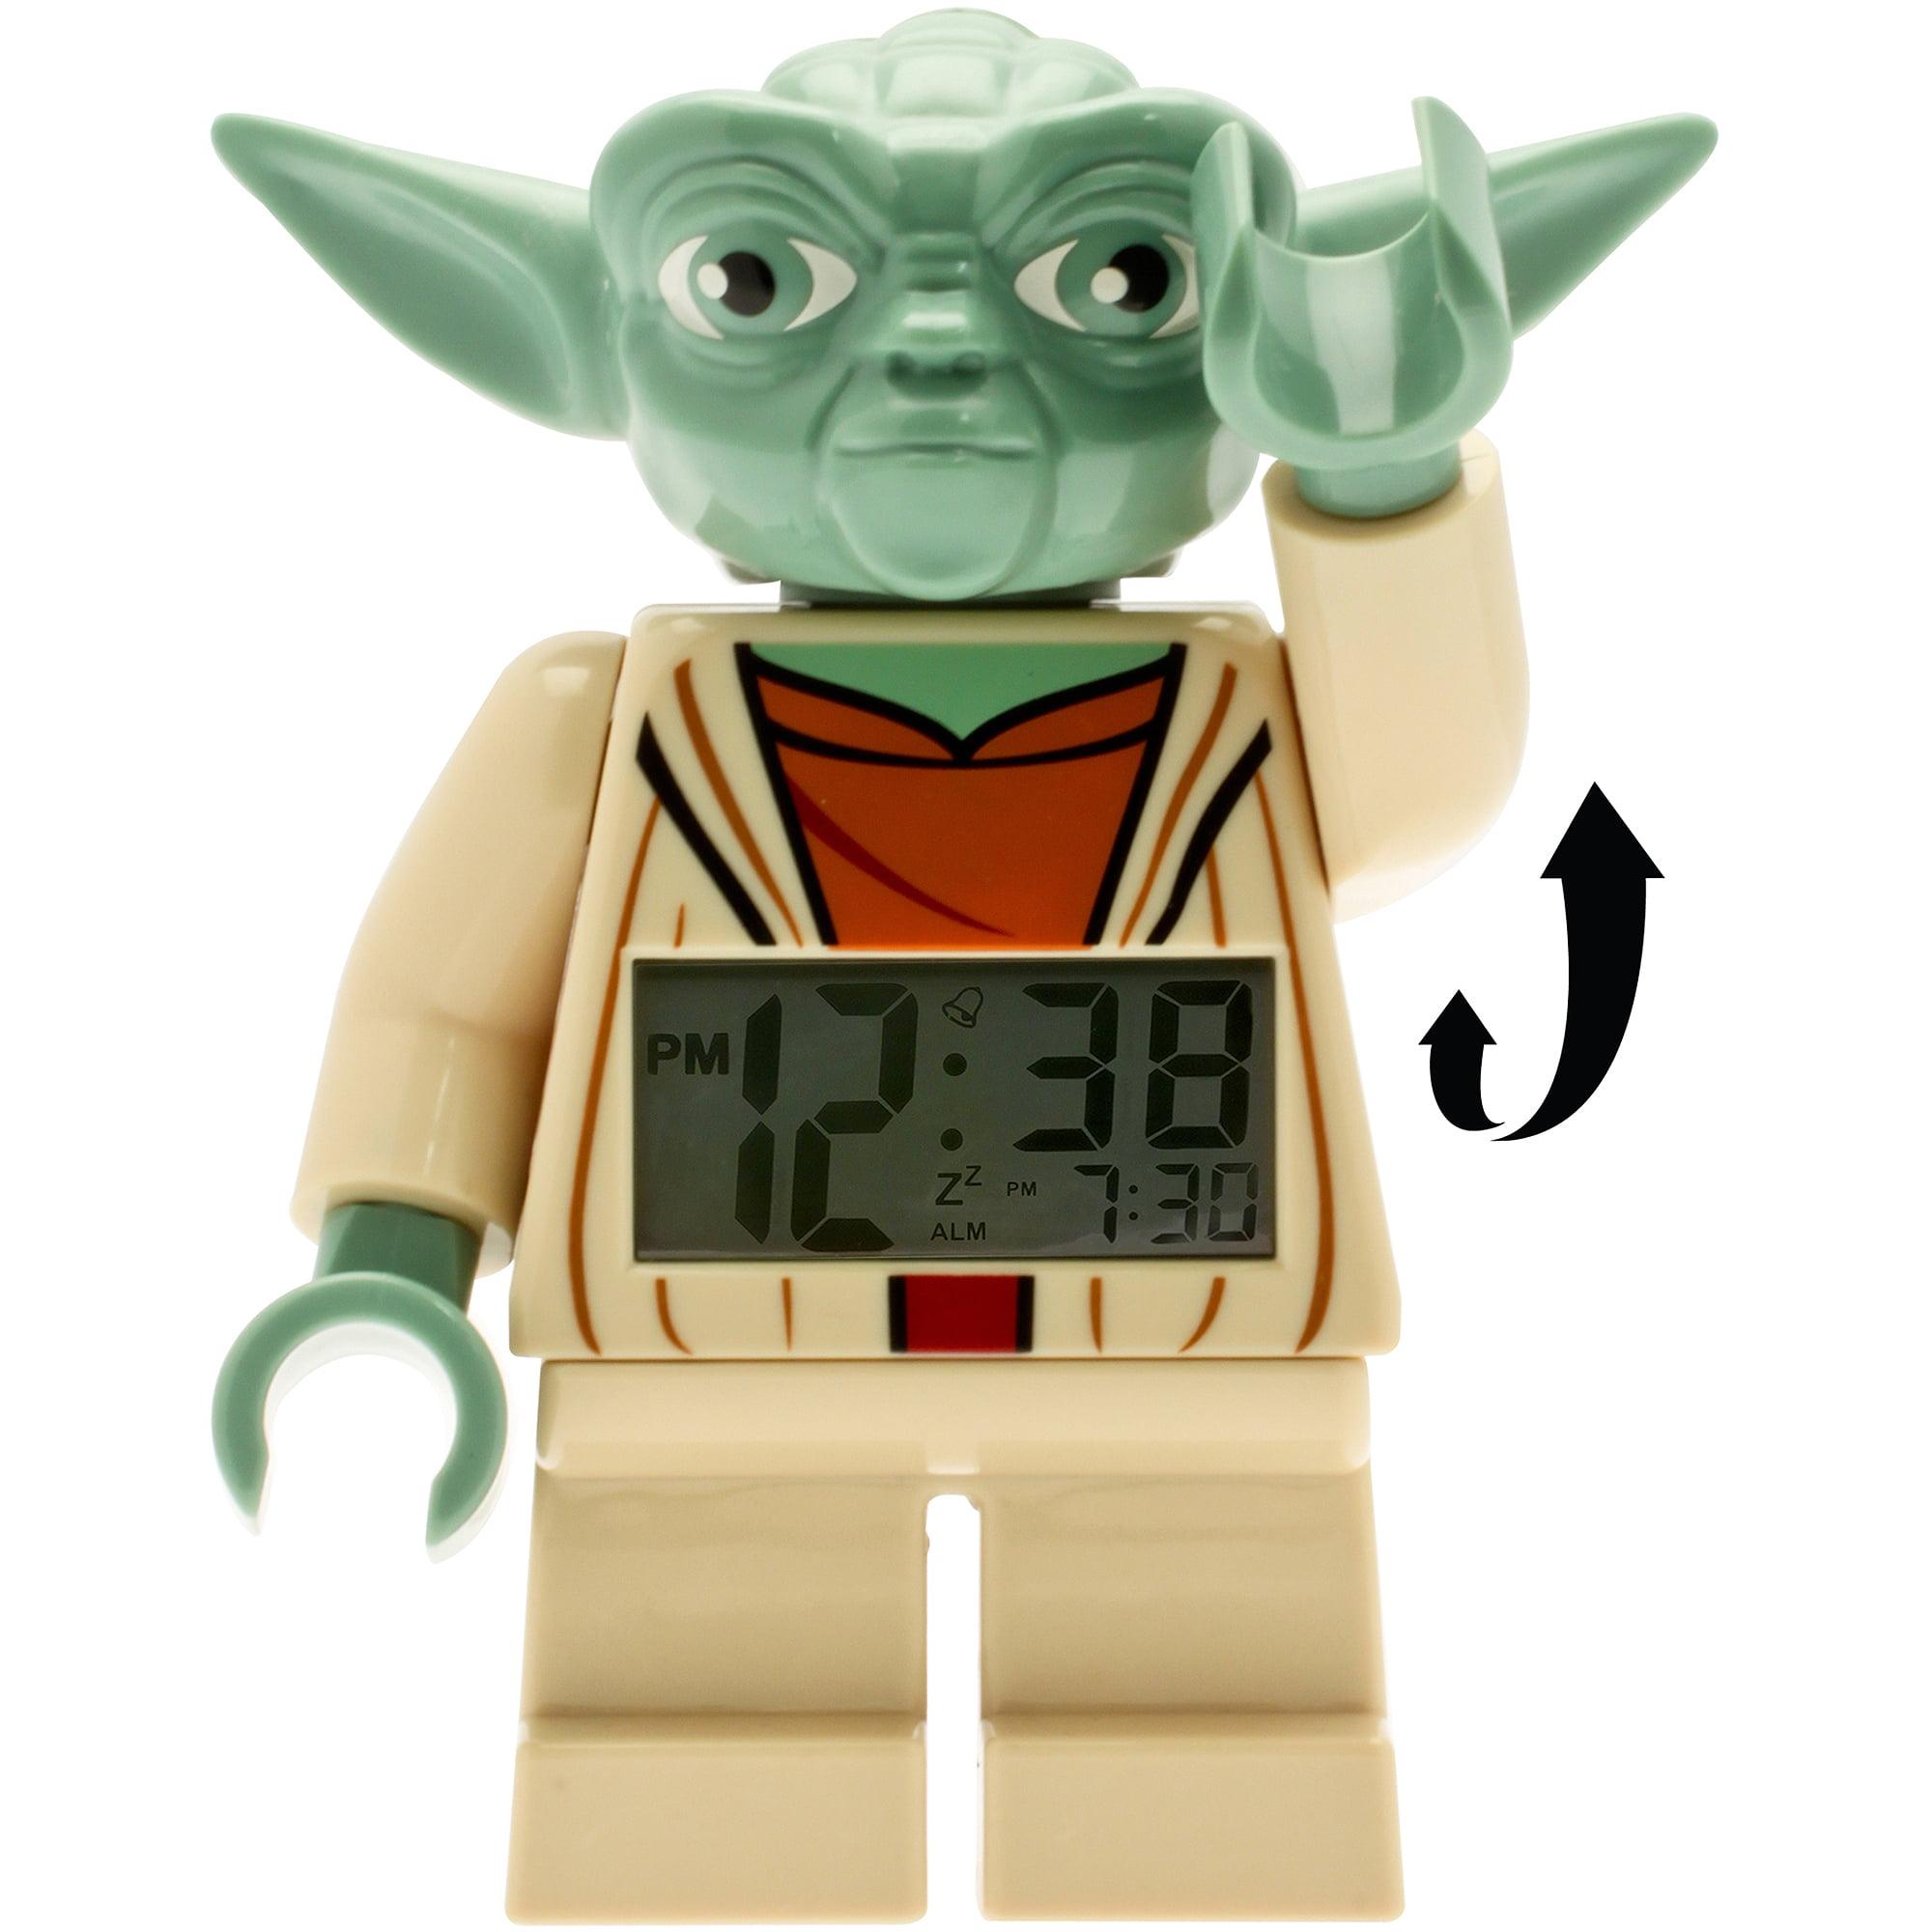 LEGO Star Wars Yoda Fig Clock - Walmart.com